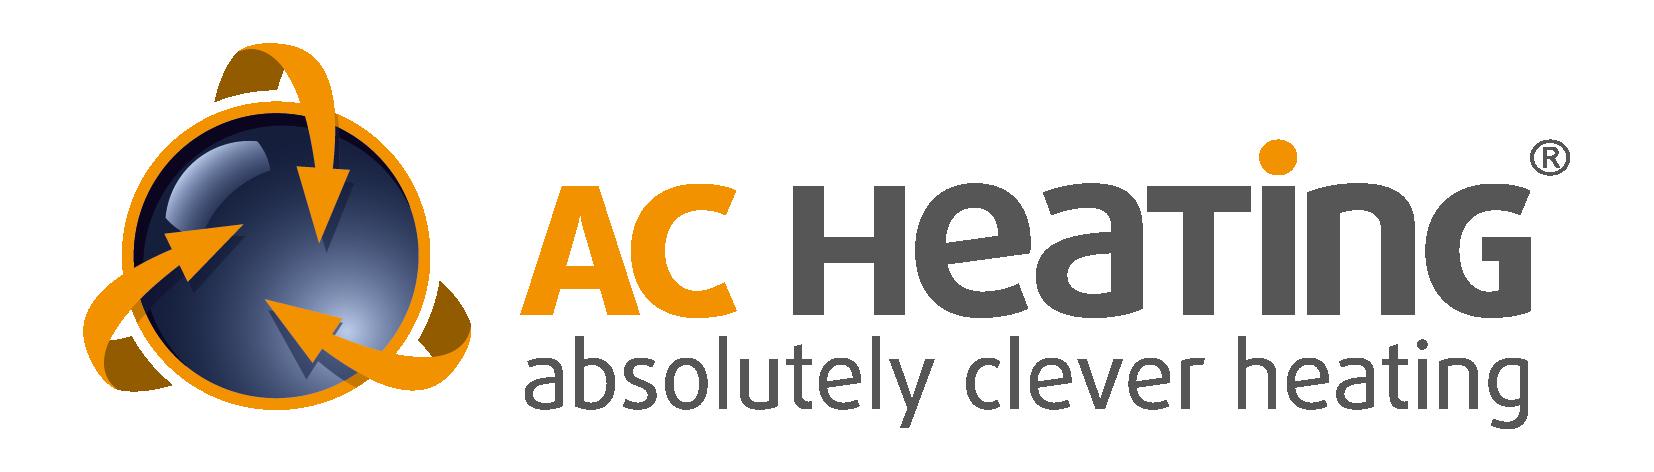 logo firmy AC Heating tepelná čerpadla – KUFI INT, s.r.o.